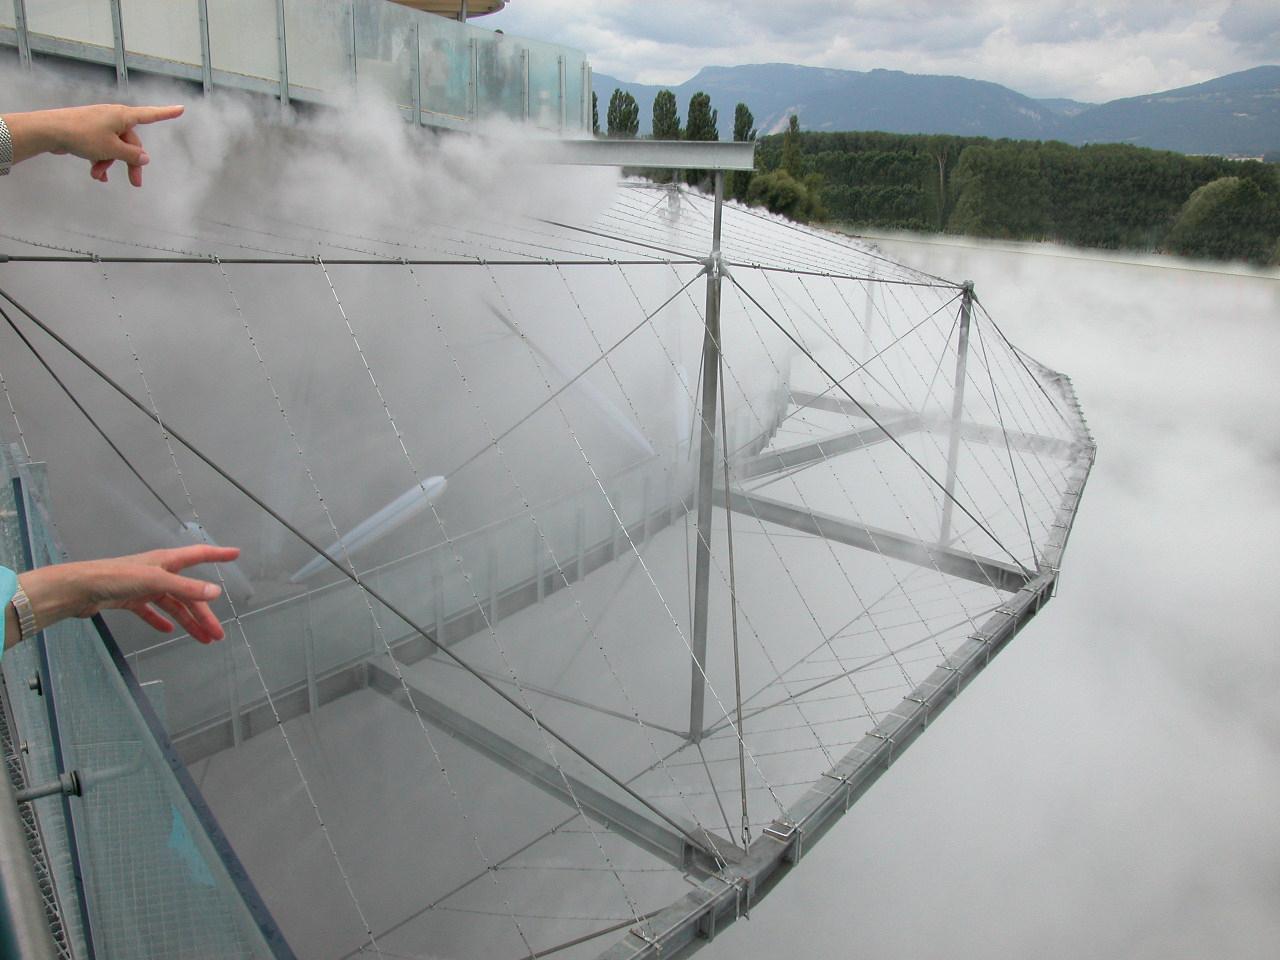 diane-dubeau-nuage-blur-building-diller-scofidio-7